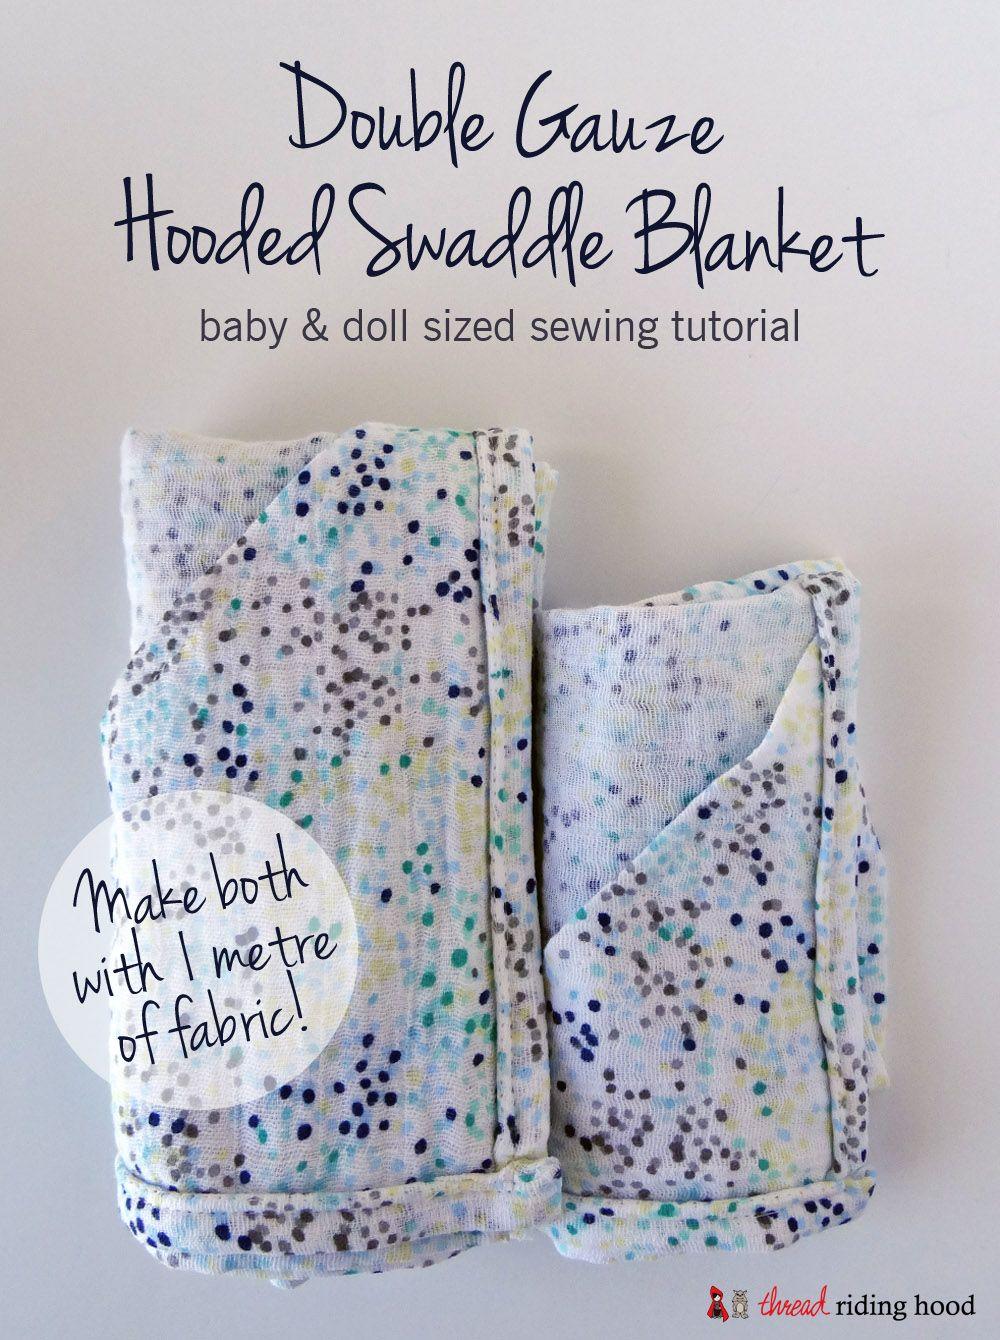 Easy Double Gauze Swaddle Blanket With A Hood Tutorial Swaddle Blanket Diy Baby Swaddle Pattern Gauze Swaddle Blanket